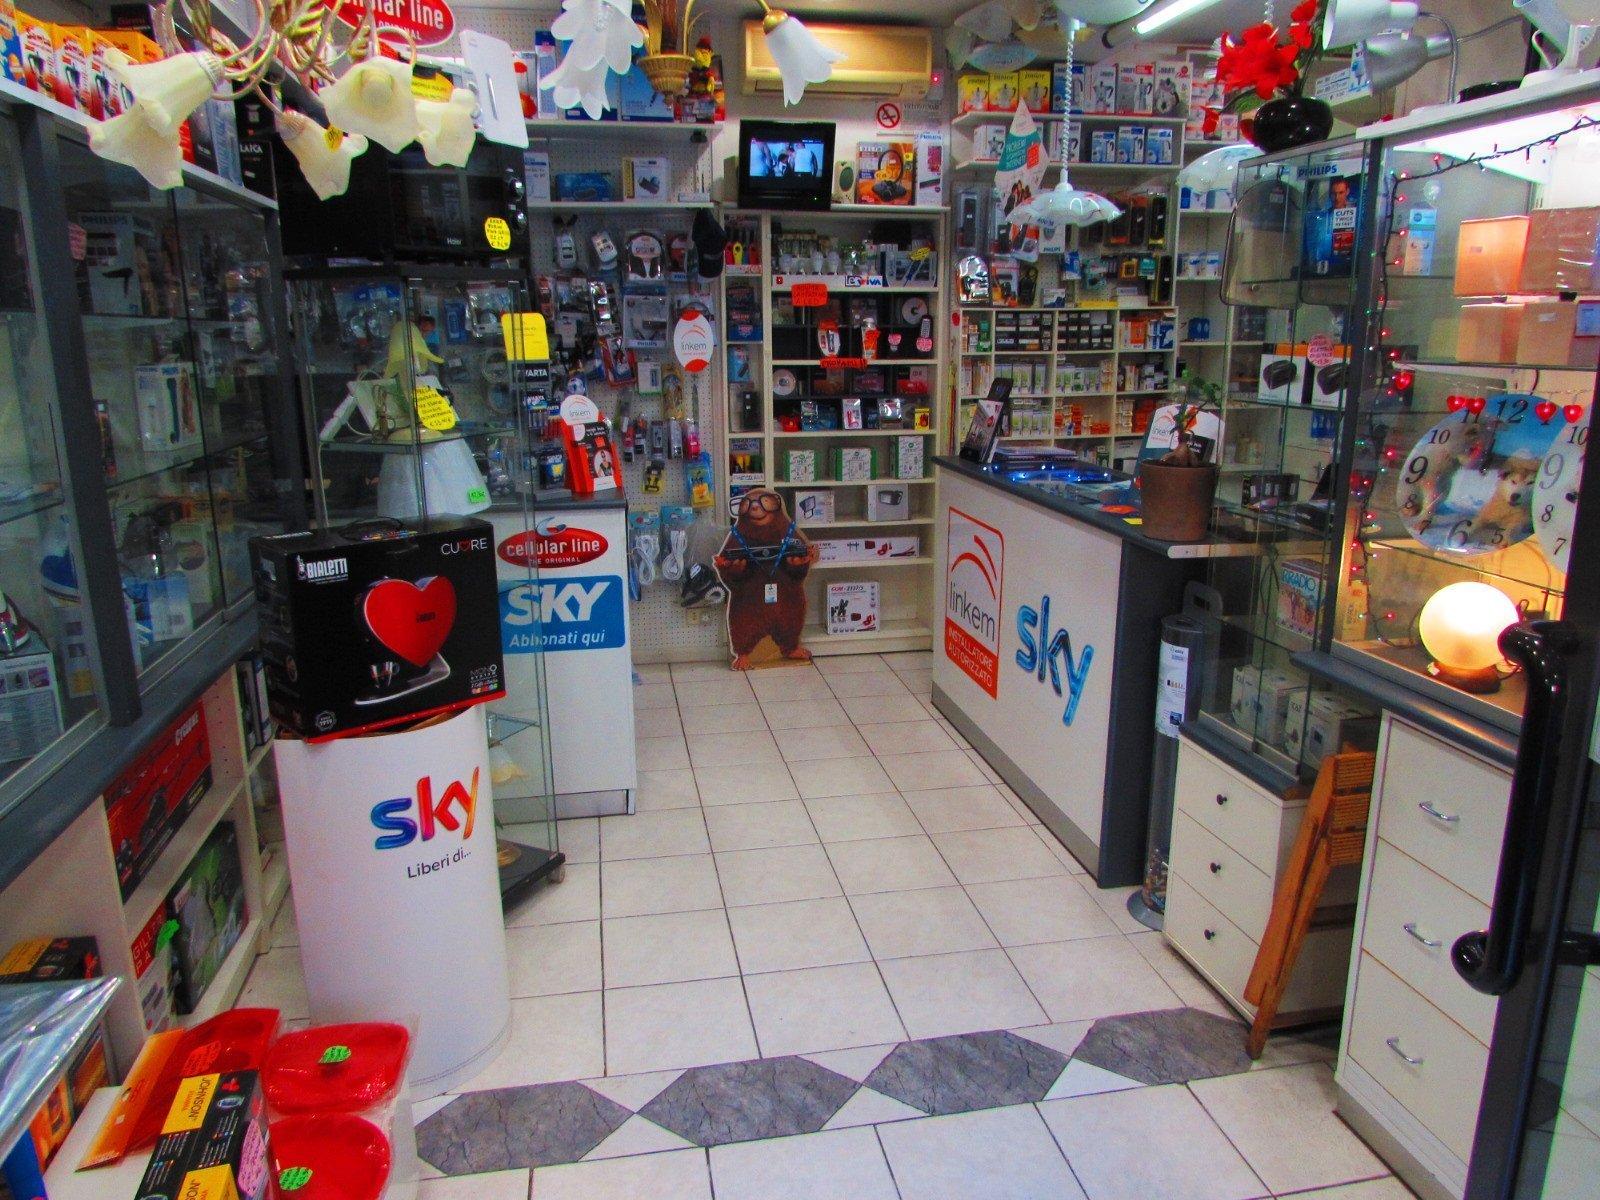 vista interna di un negozio convenzionato SKY che fornisce prodotti elettrici